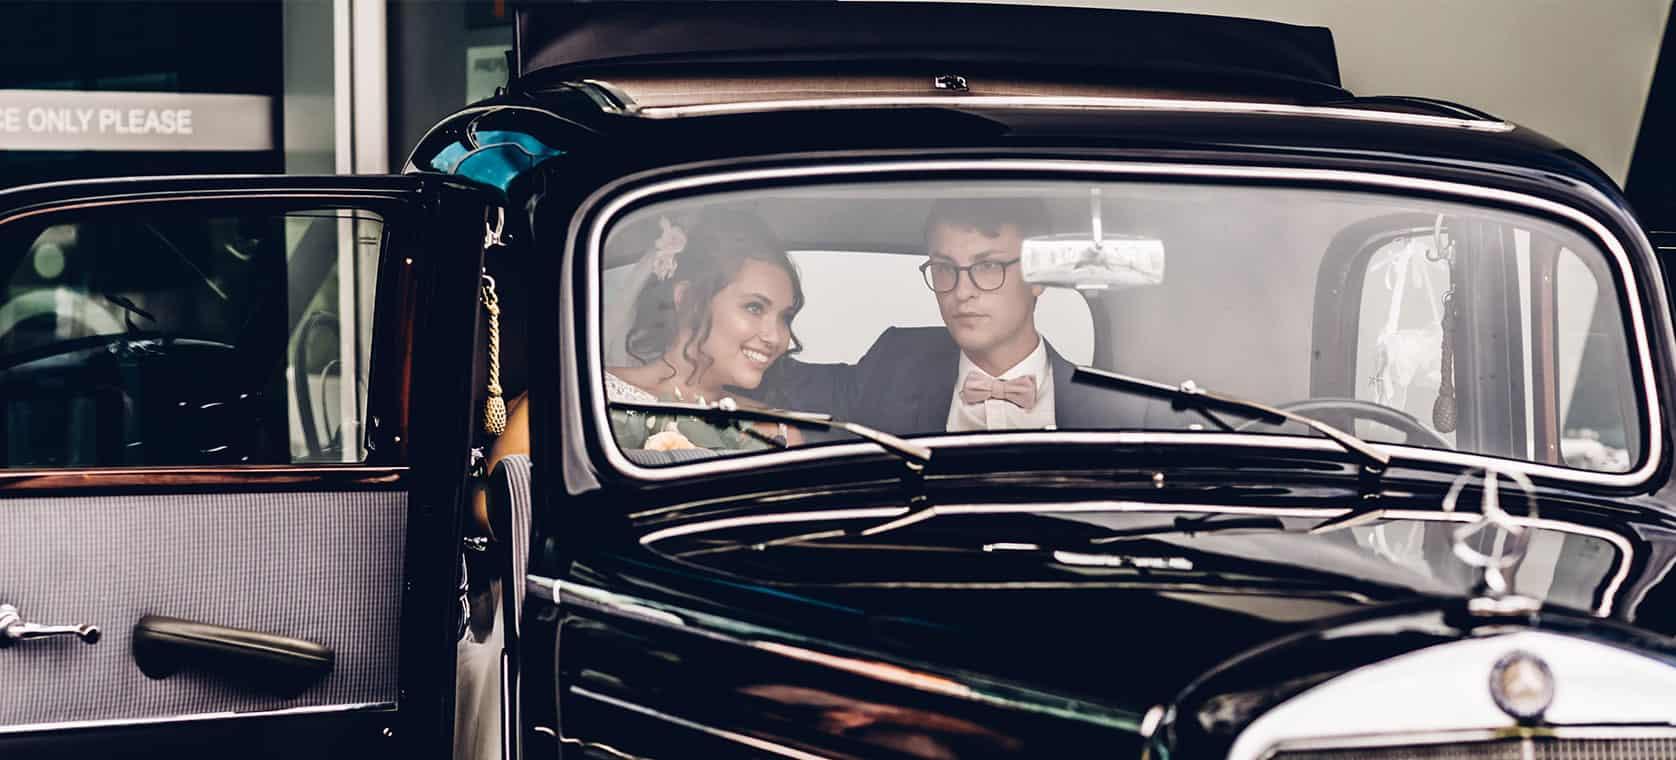 Russischee-Hochzeit-Kosten-Auto